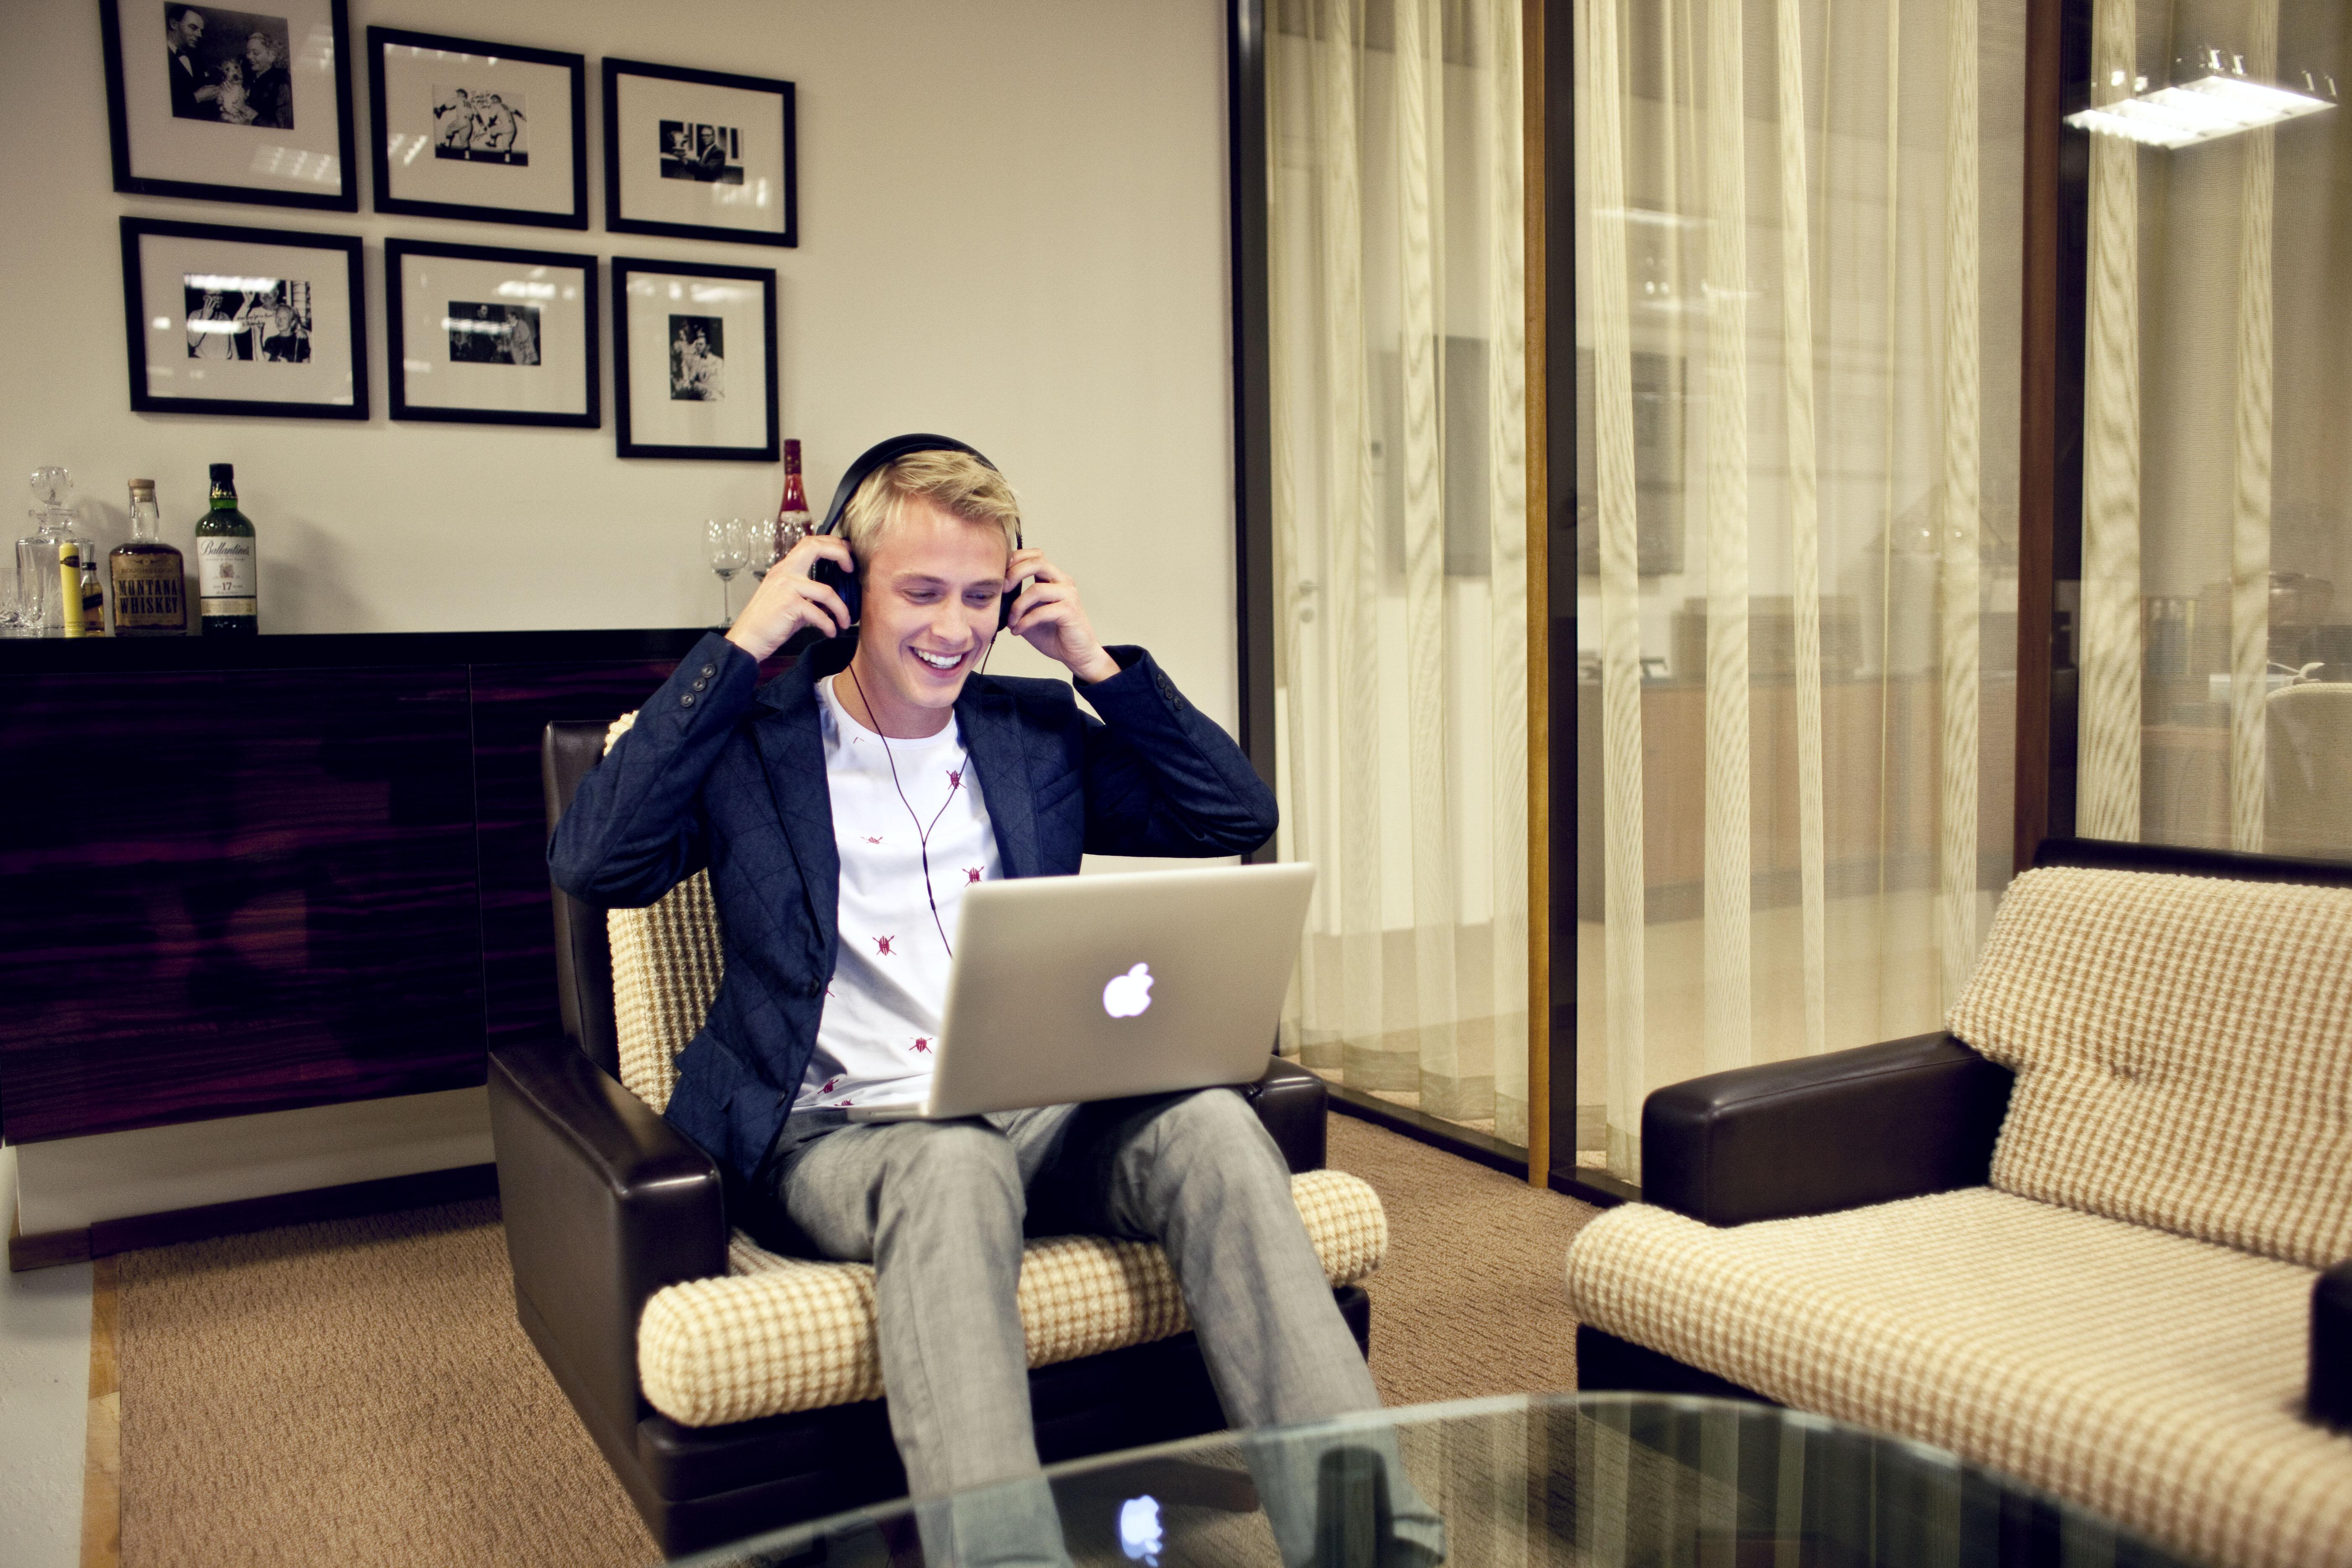 Junge sitzt mit Kopfhörer auf einem Sessel